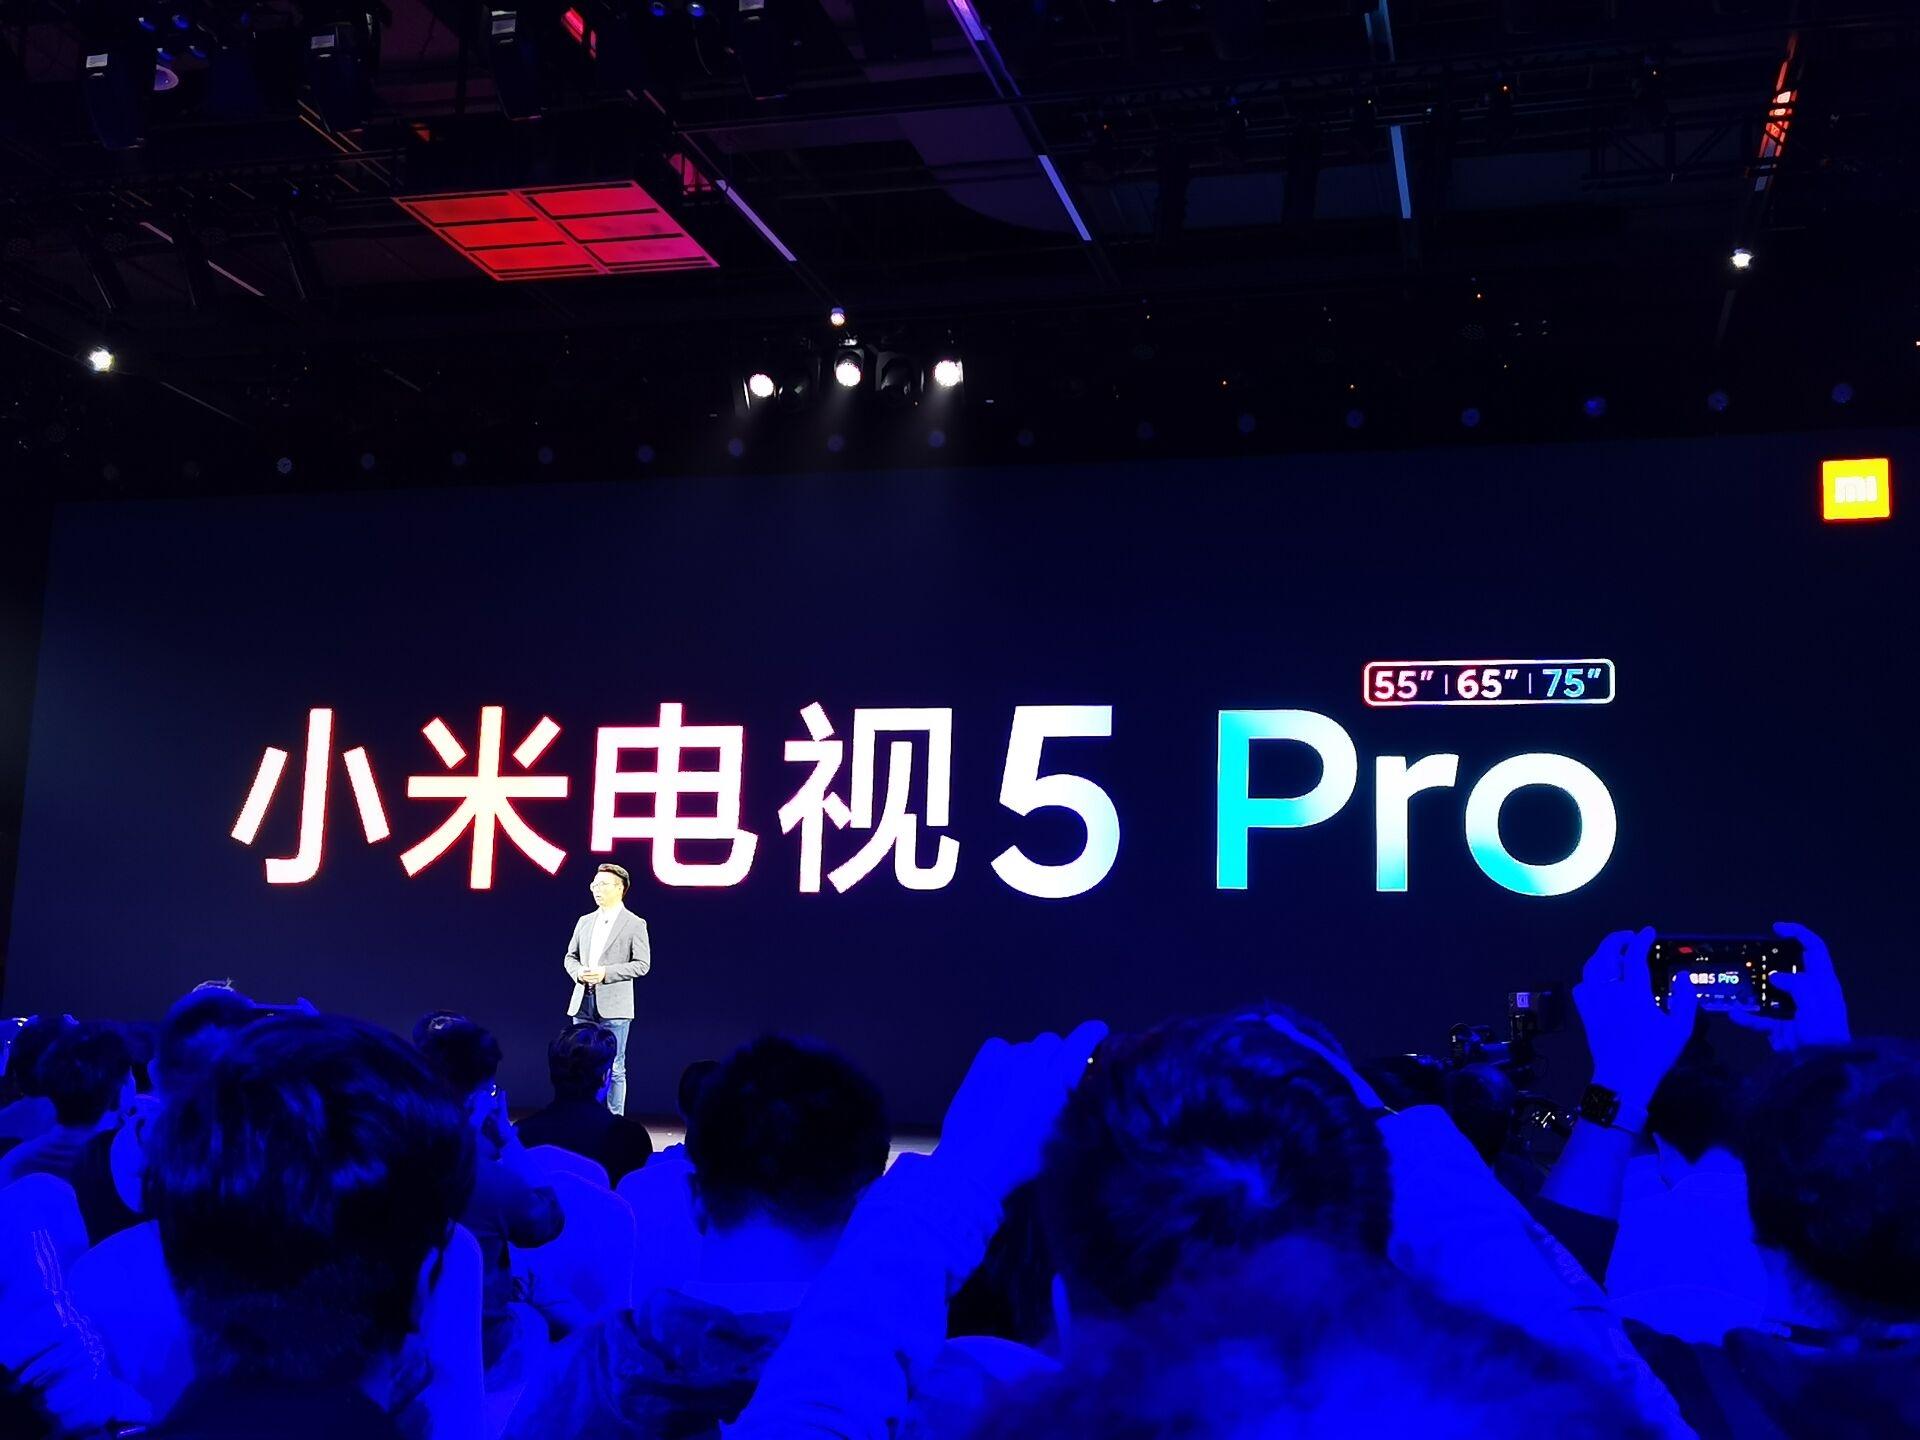 小米电视5系列正式发布:4K量子点屏幕 最贵9999元